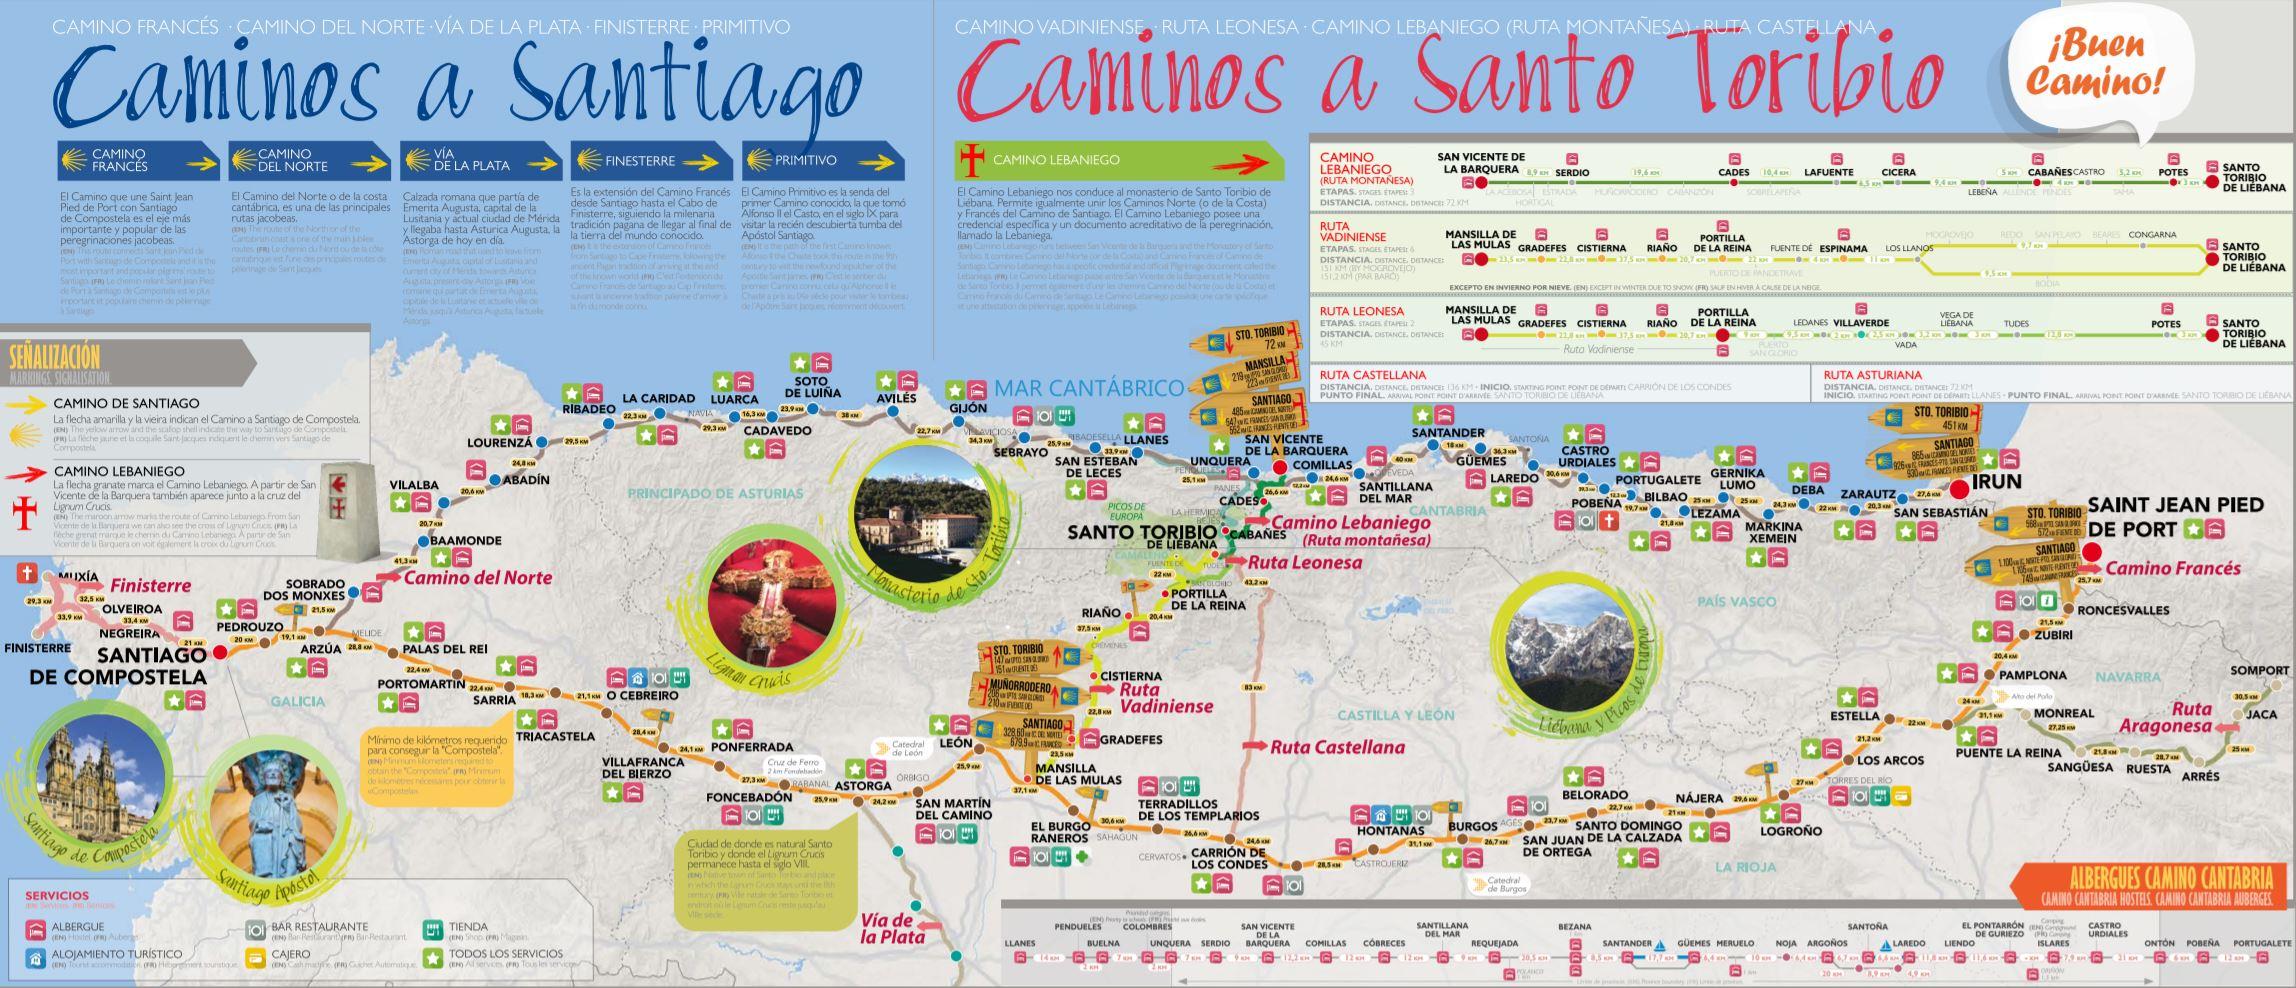 CAMMINO LEBANIEGO mappa cammino di santiago